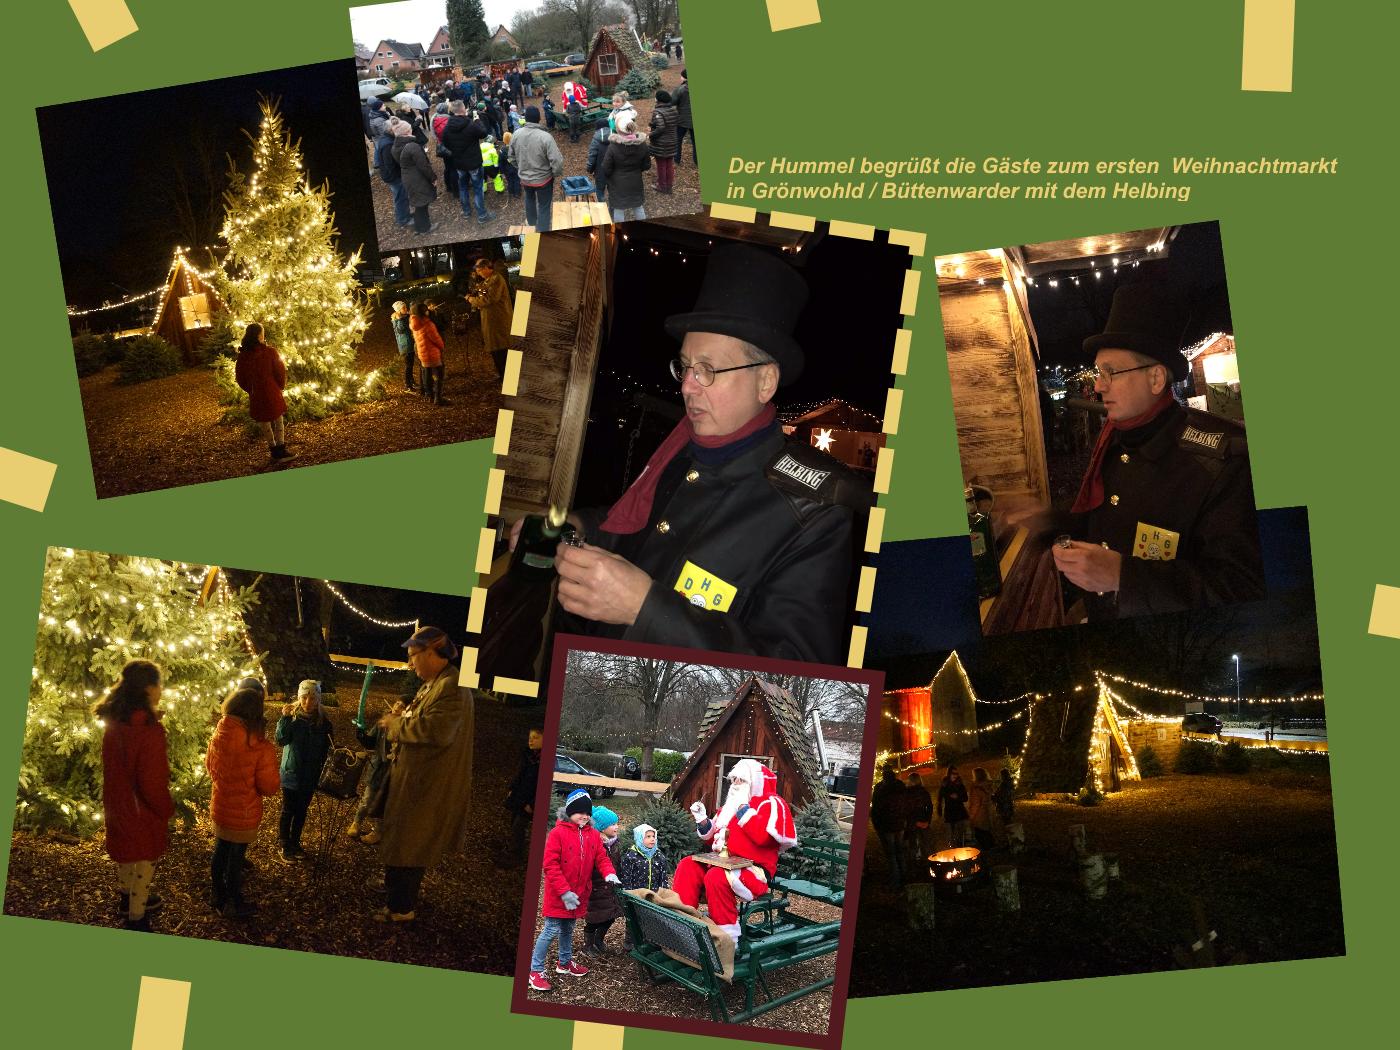 Weihnachtsmarkt in Grönwohld